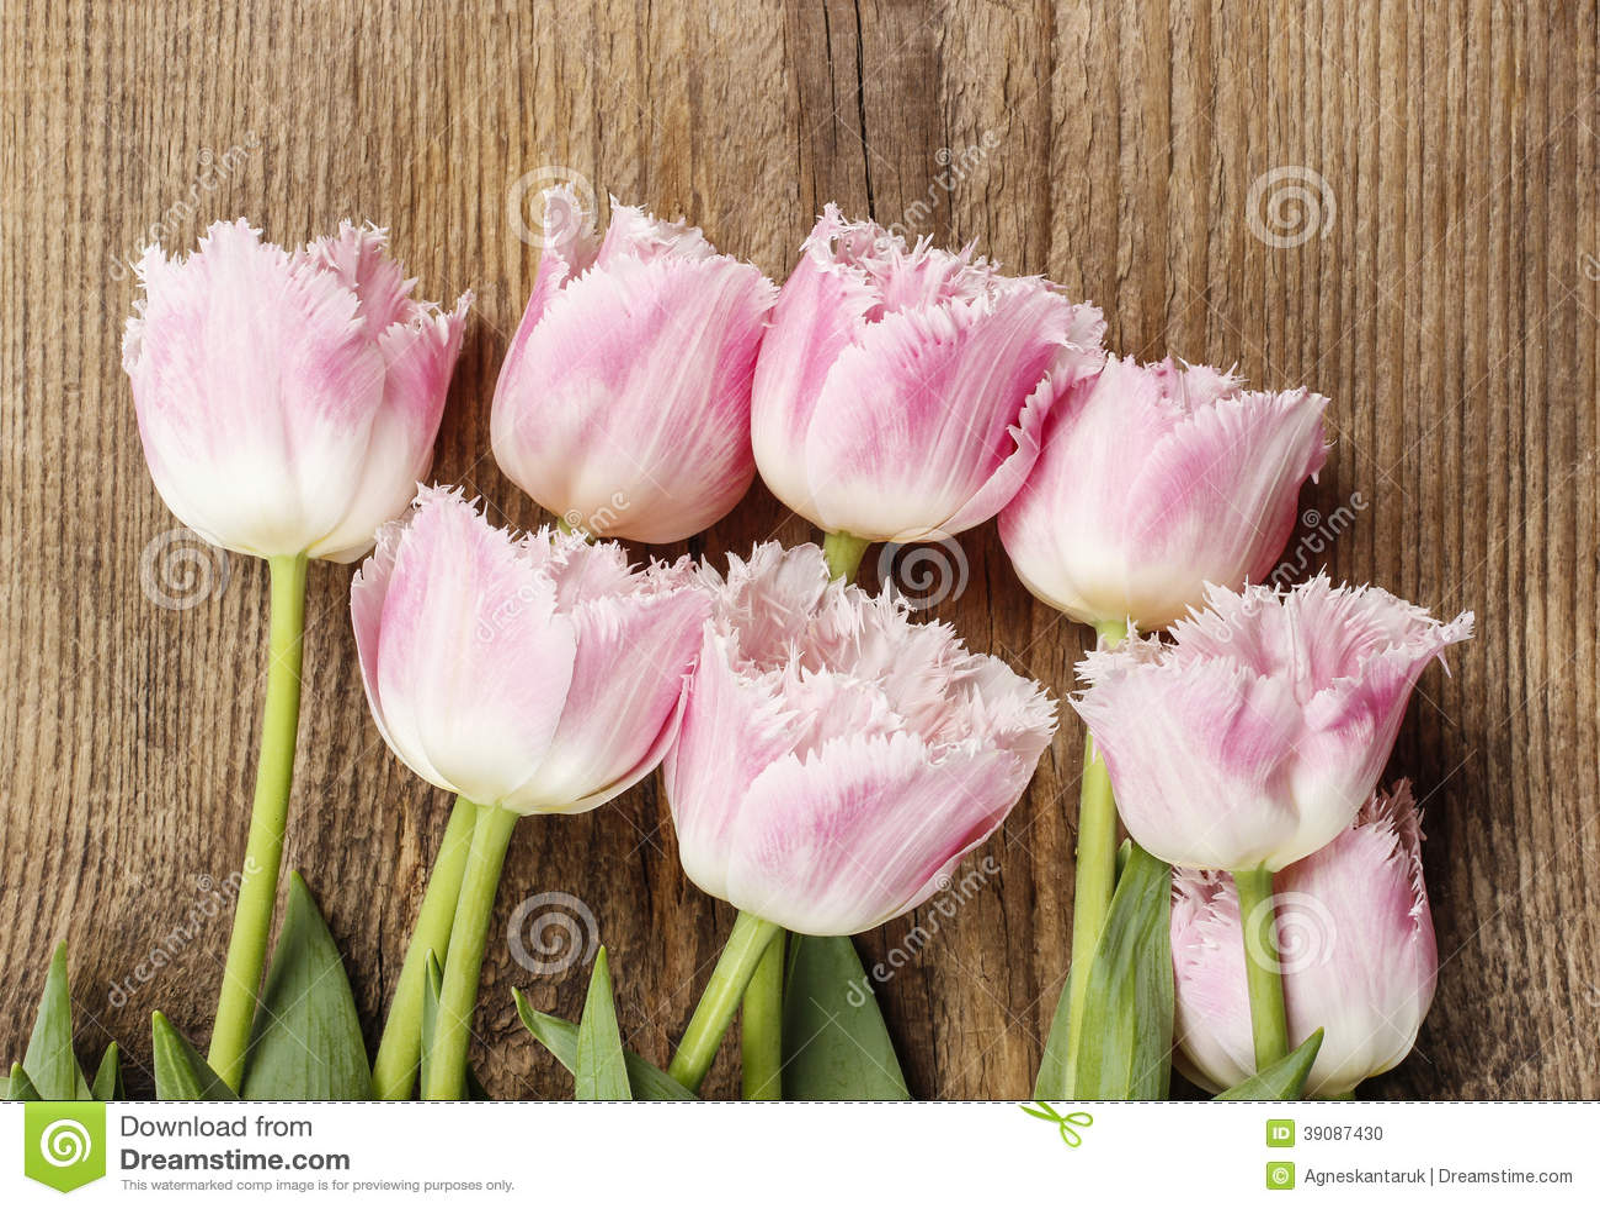 sch ne rosa und wei e tulpen auf holz stockfoto bild von. Black Bedroom Furniture Sets. Home Design Ideas